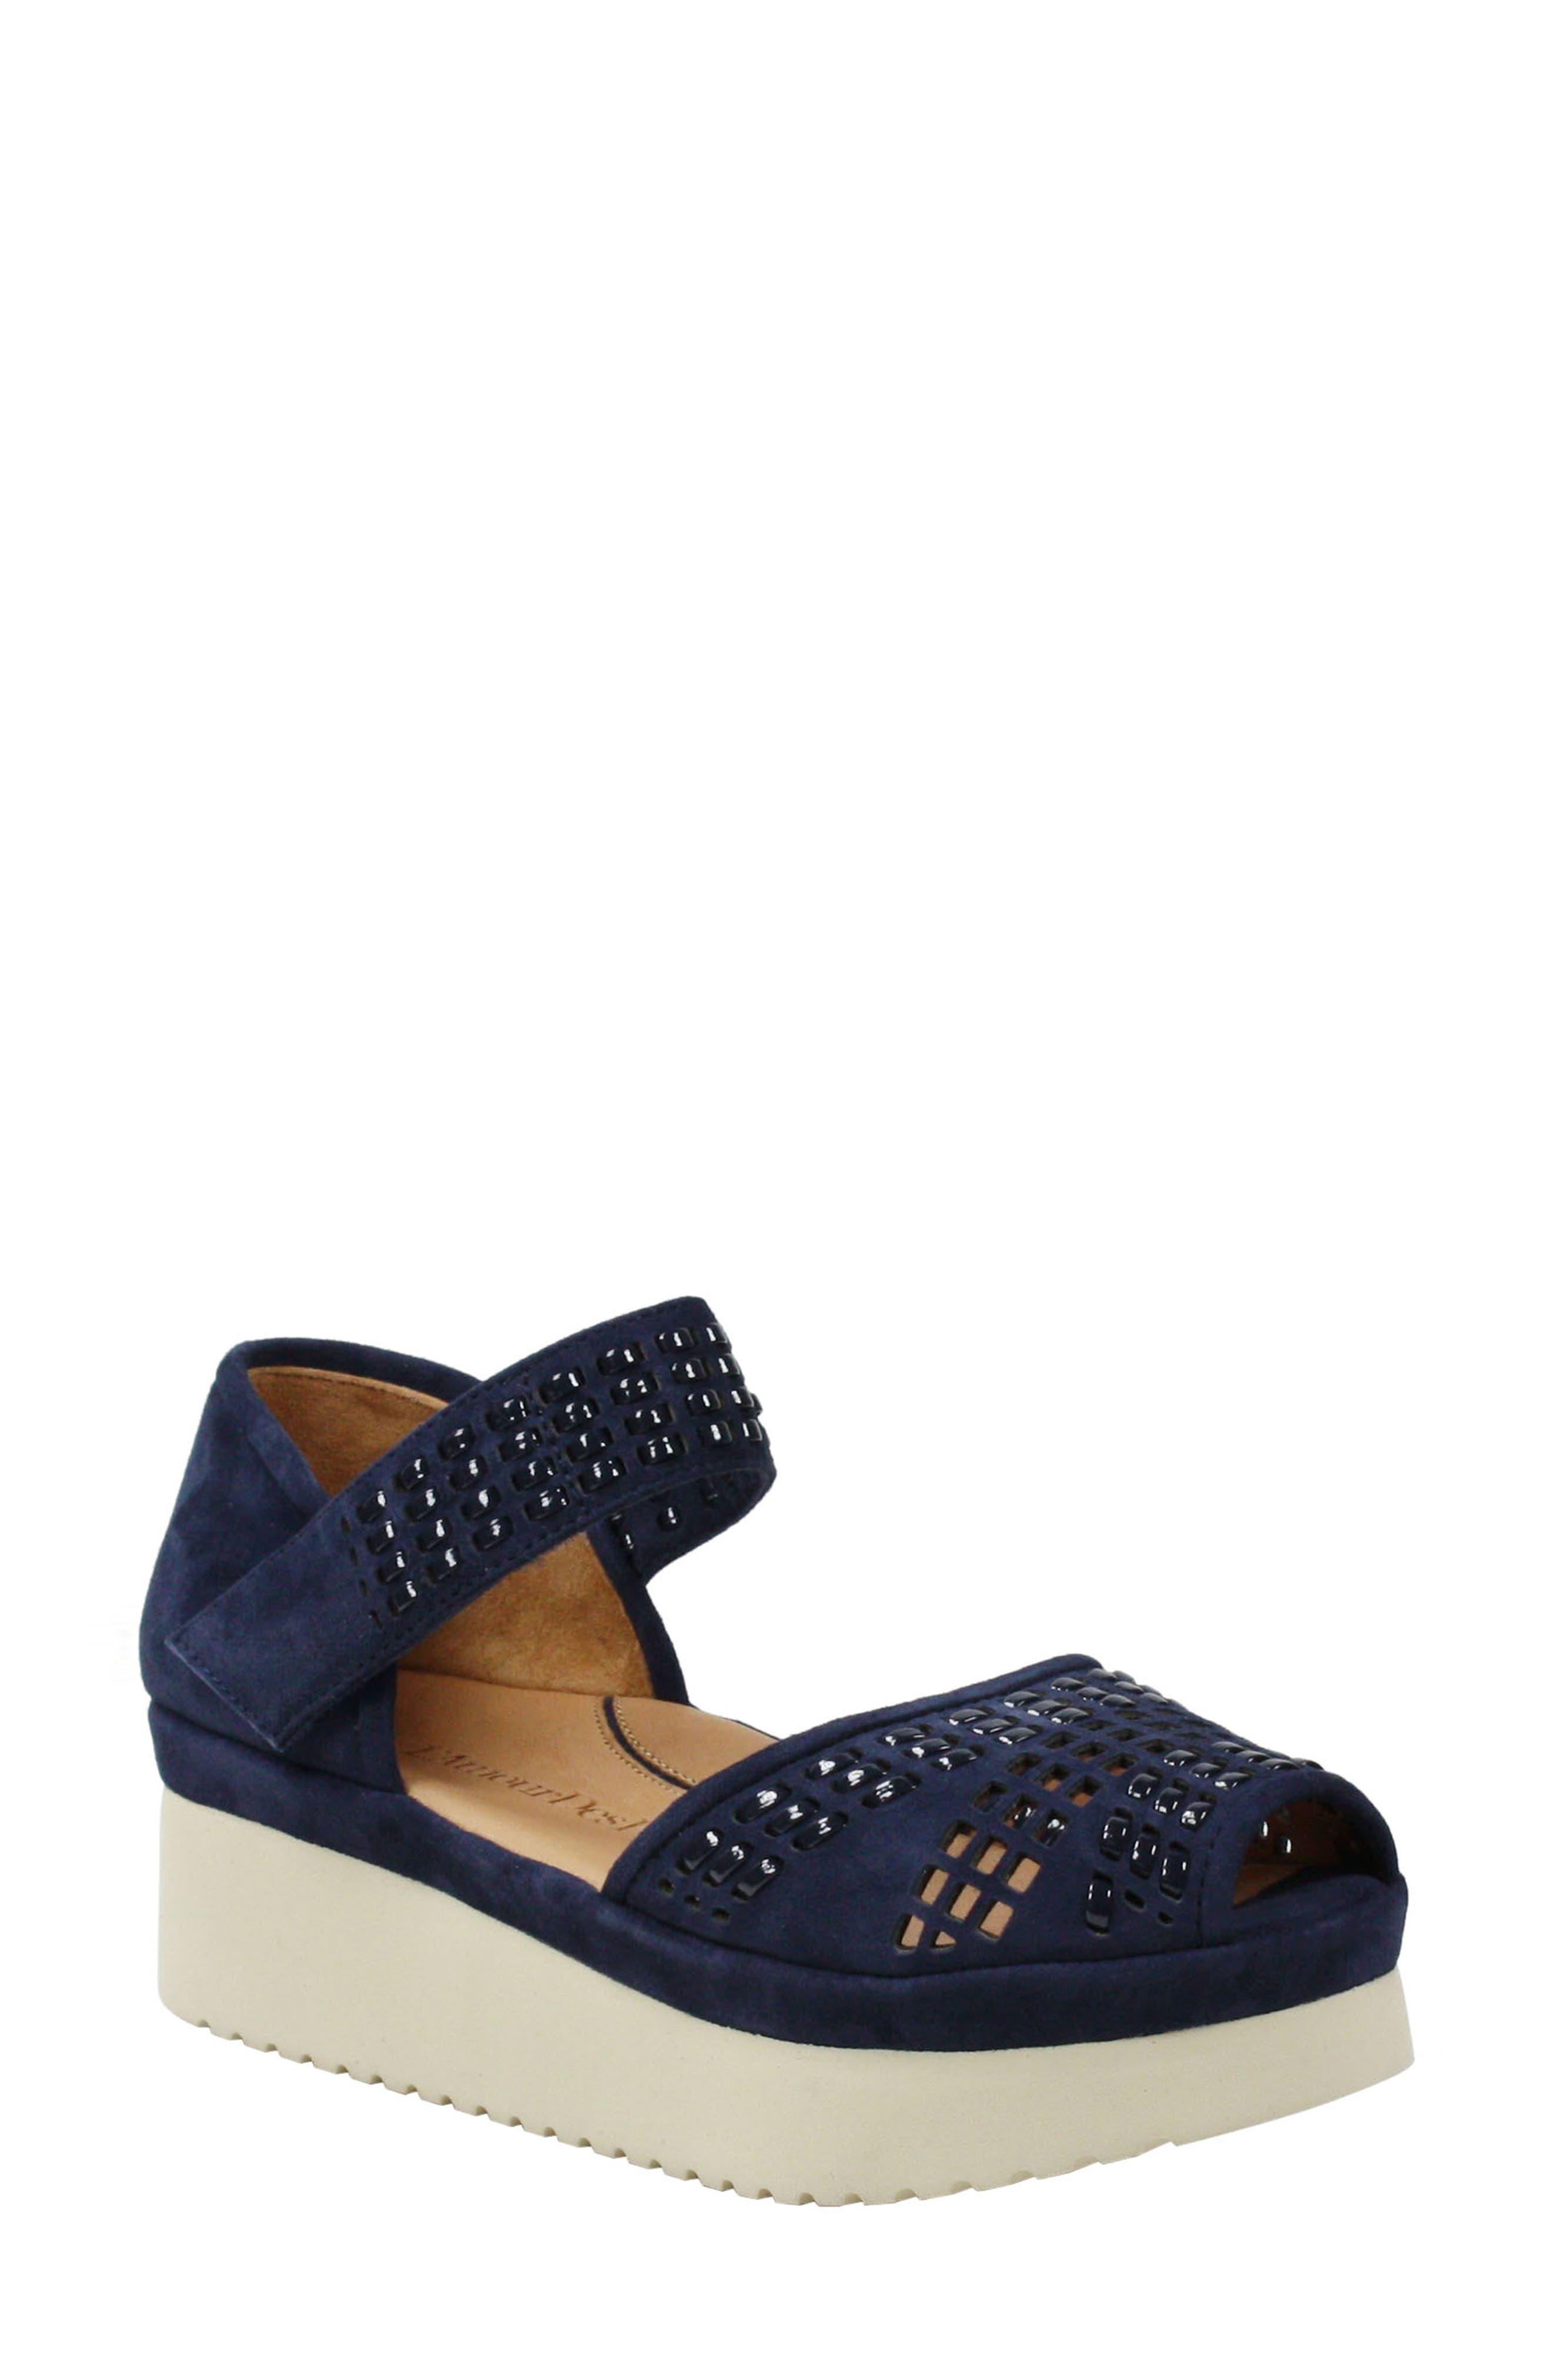 Amalsinda Wedge Sandal